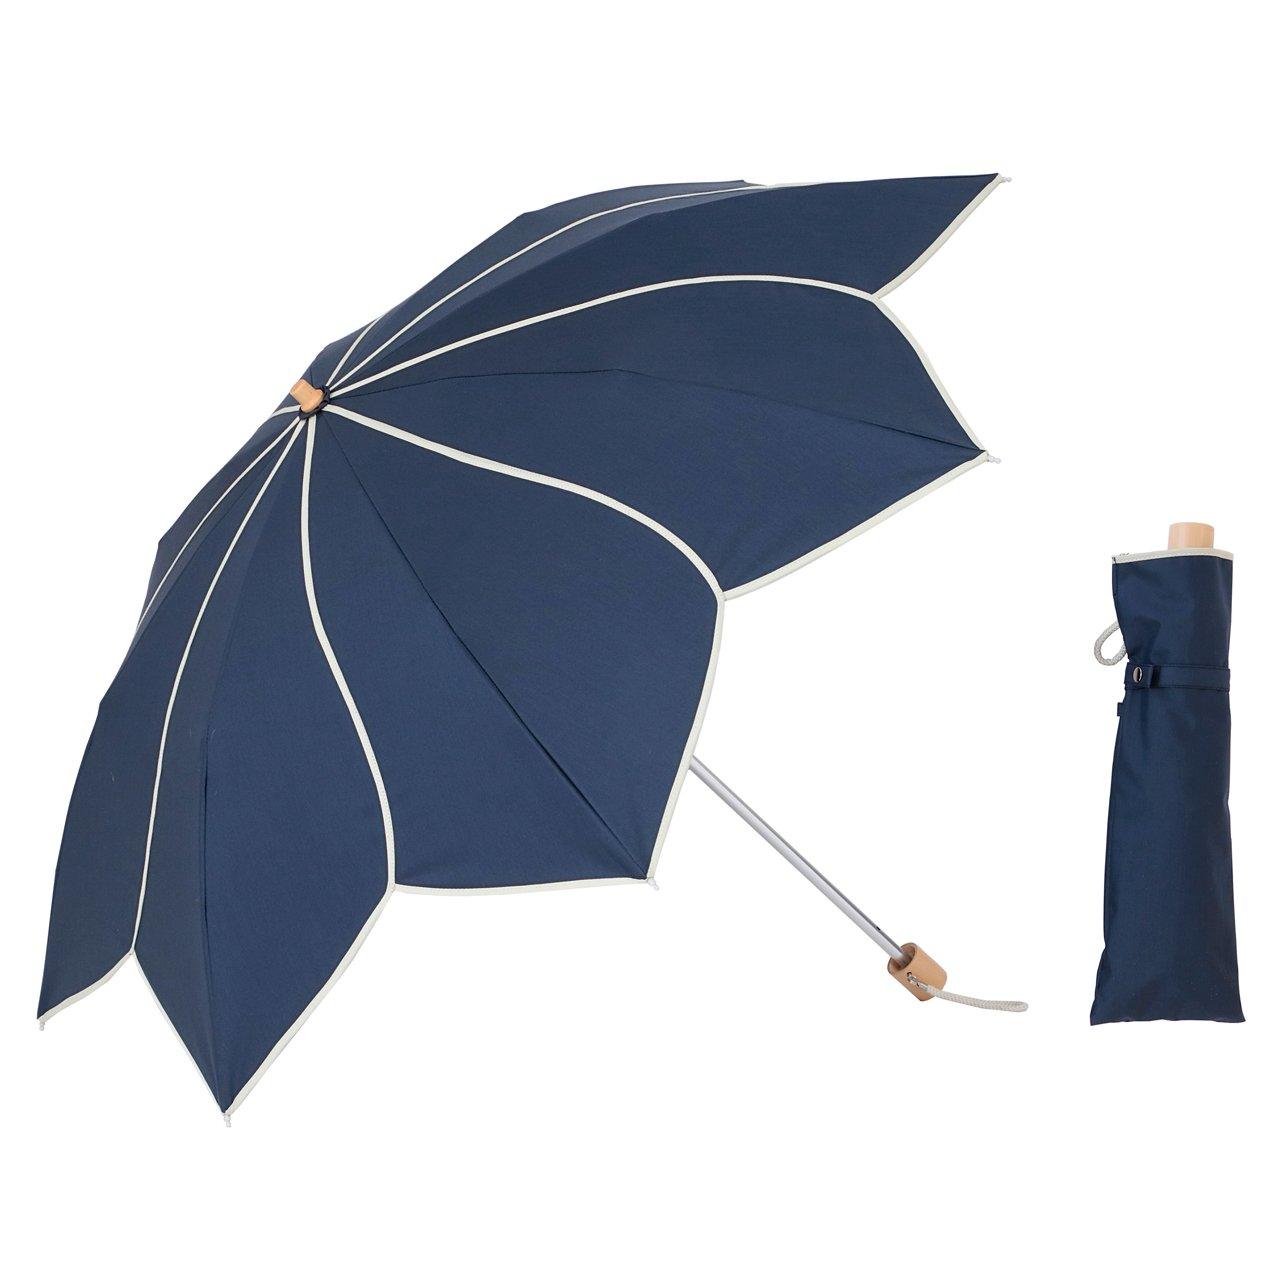 UVカット 晴雨兼用 折傘 フラワー ネイビー 遮熱 遮光1級 ラミネート生地 クールプラス 折りたたみ日傘 【LIEBEN-0588】 B07BKX8YWM